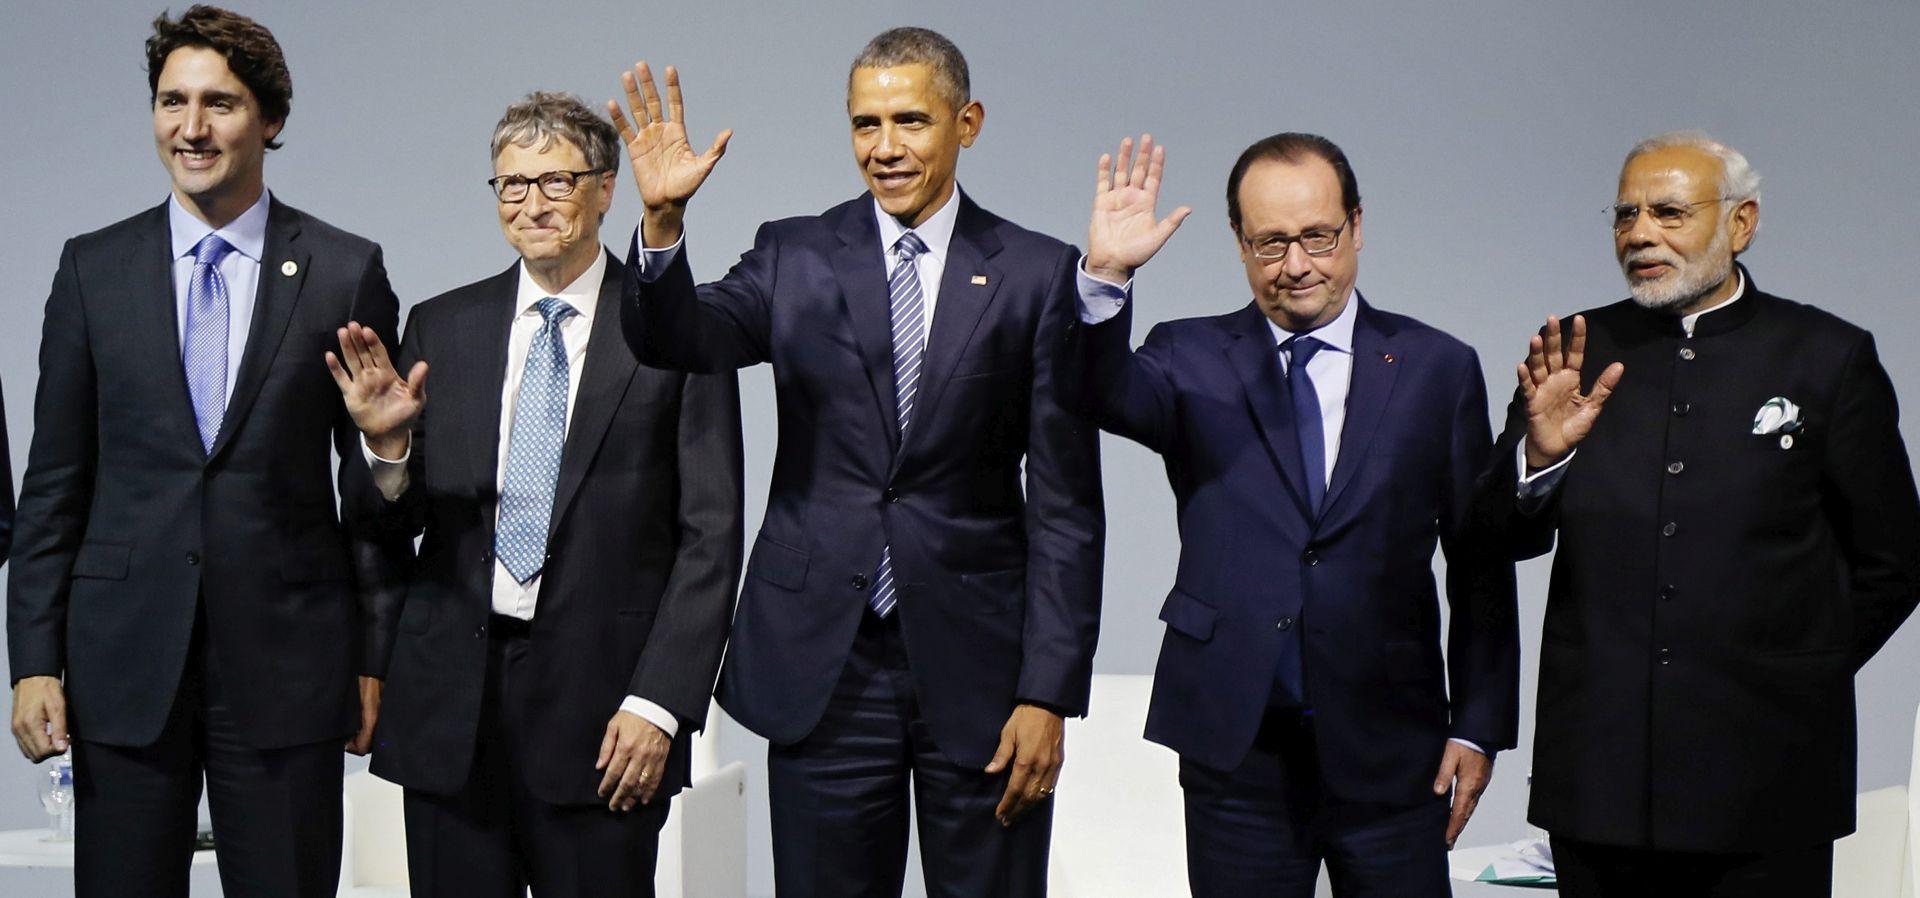 VIDEO: Pogledajmo kako je protekao COP21 i izjave nakon postignutog dogovora